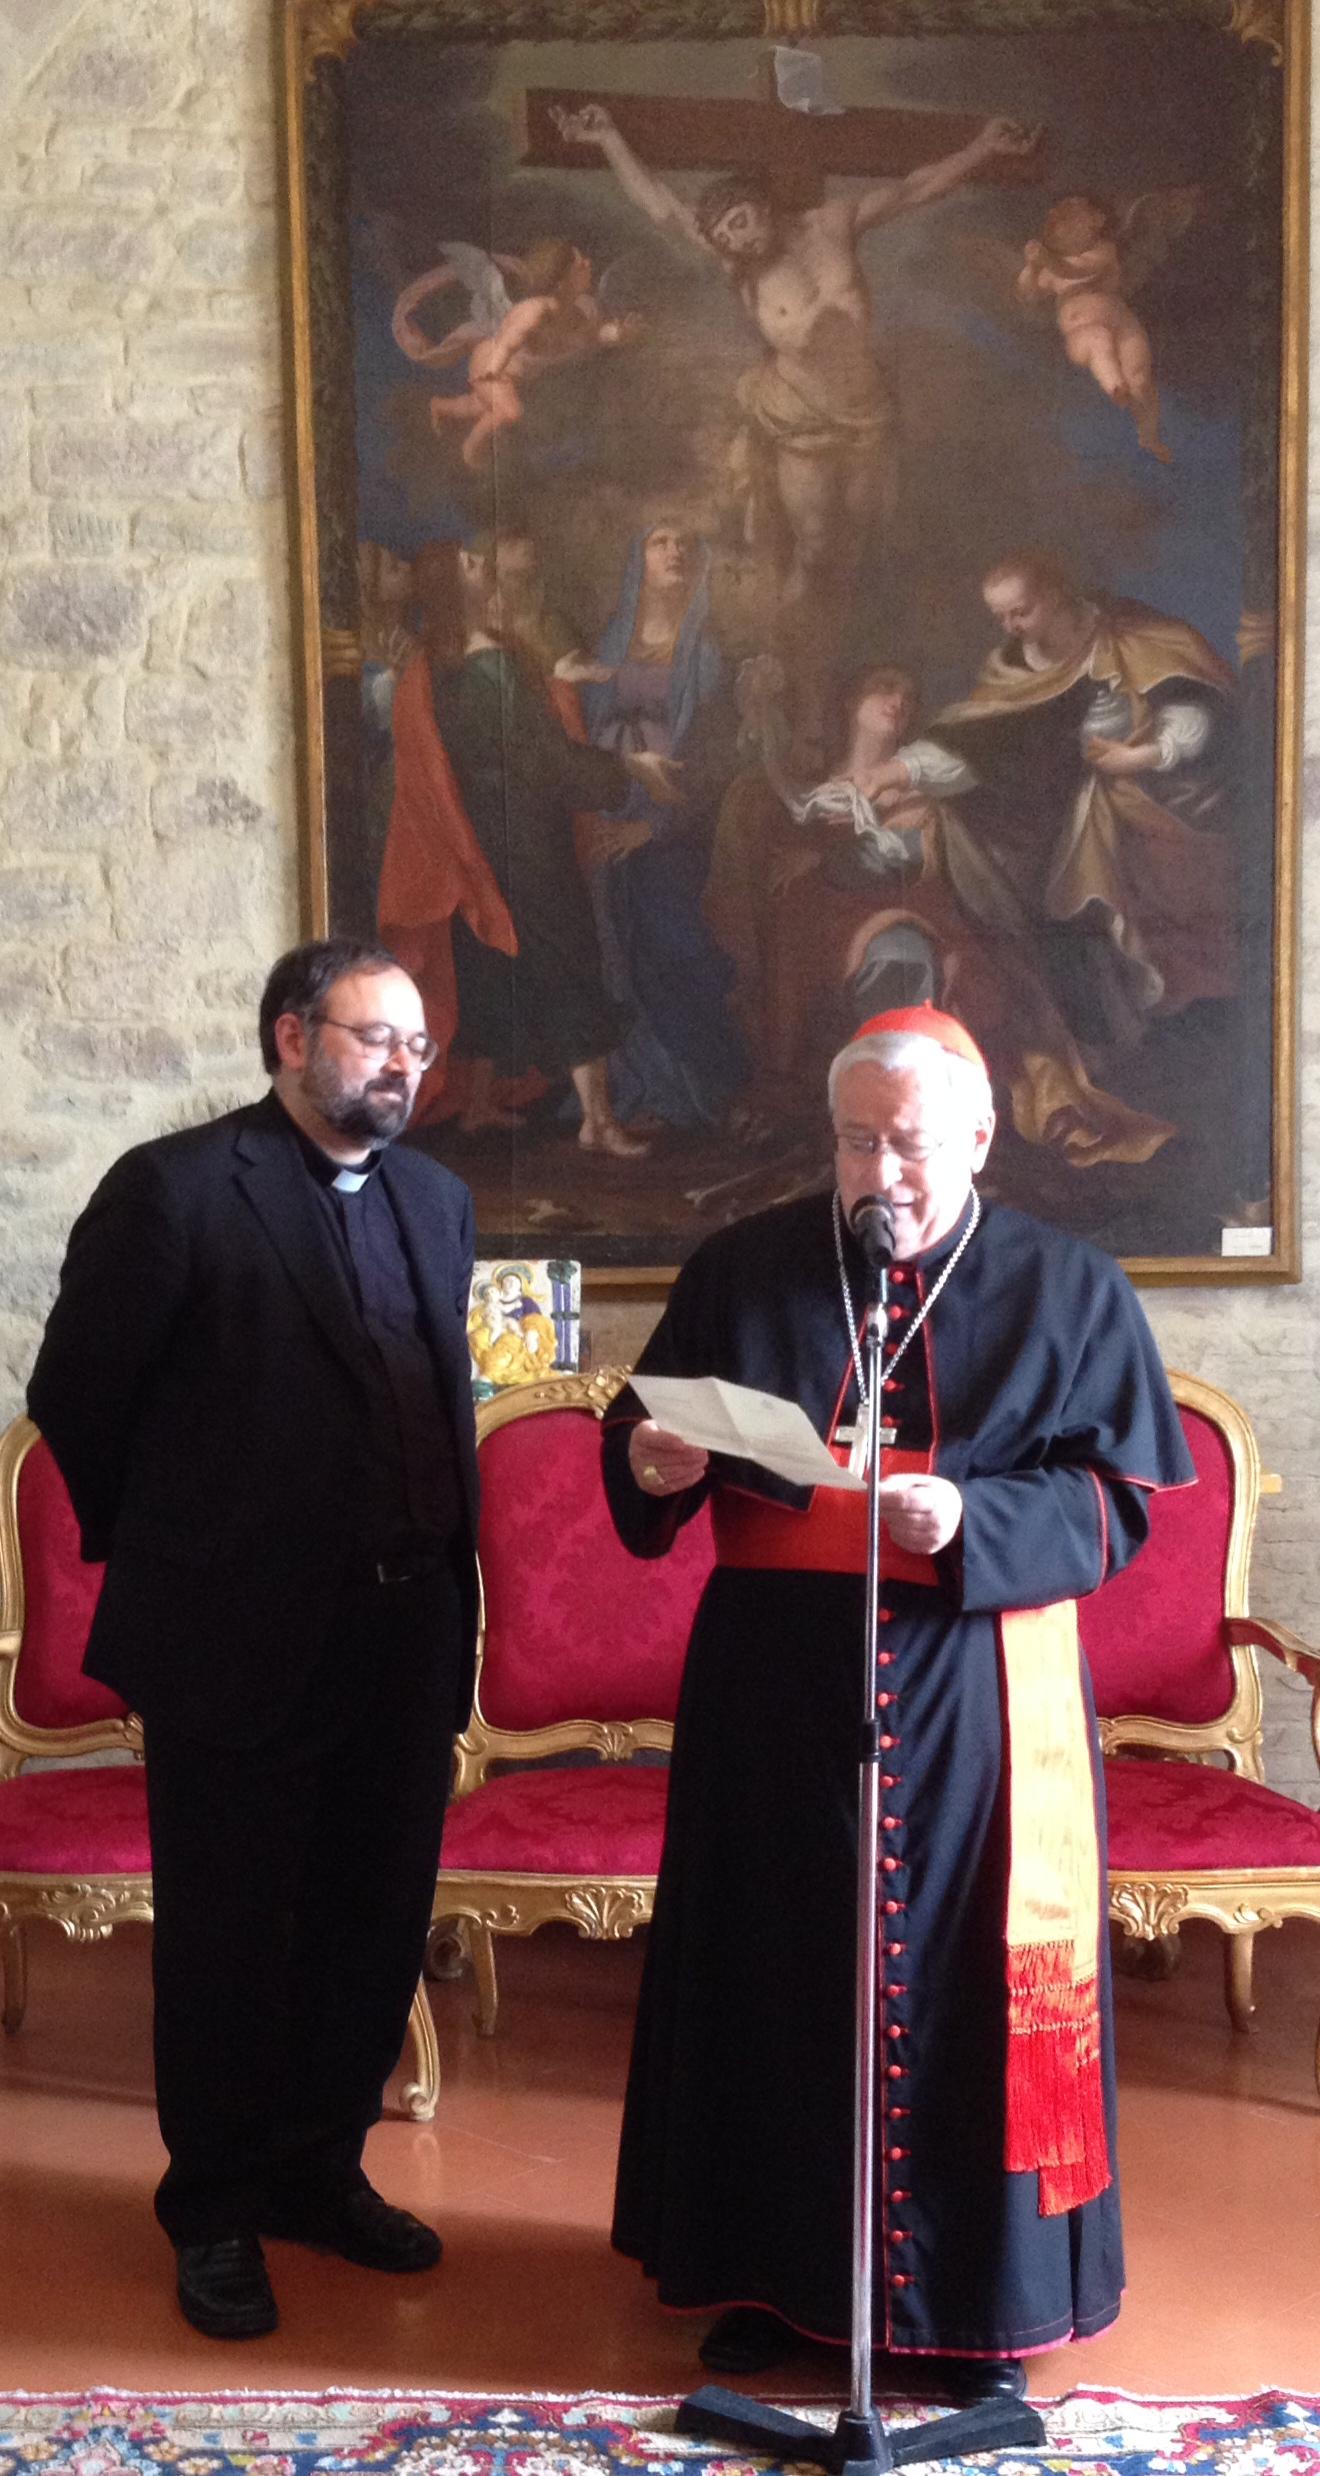 Il Cardinale Bassetti annuncia la nomina di mons. Giulietti a Vescovo ausiliare di Perugia